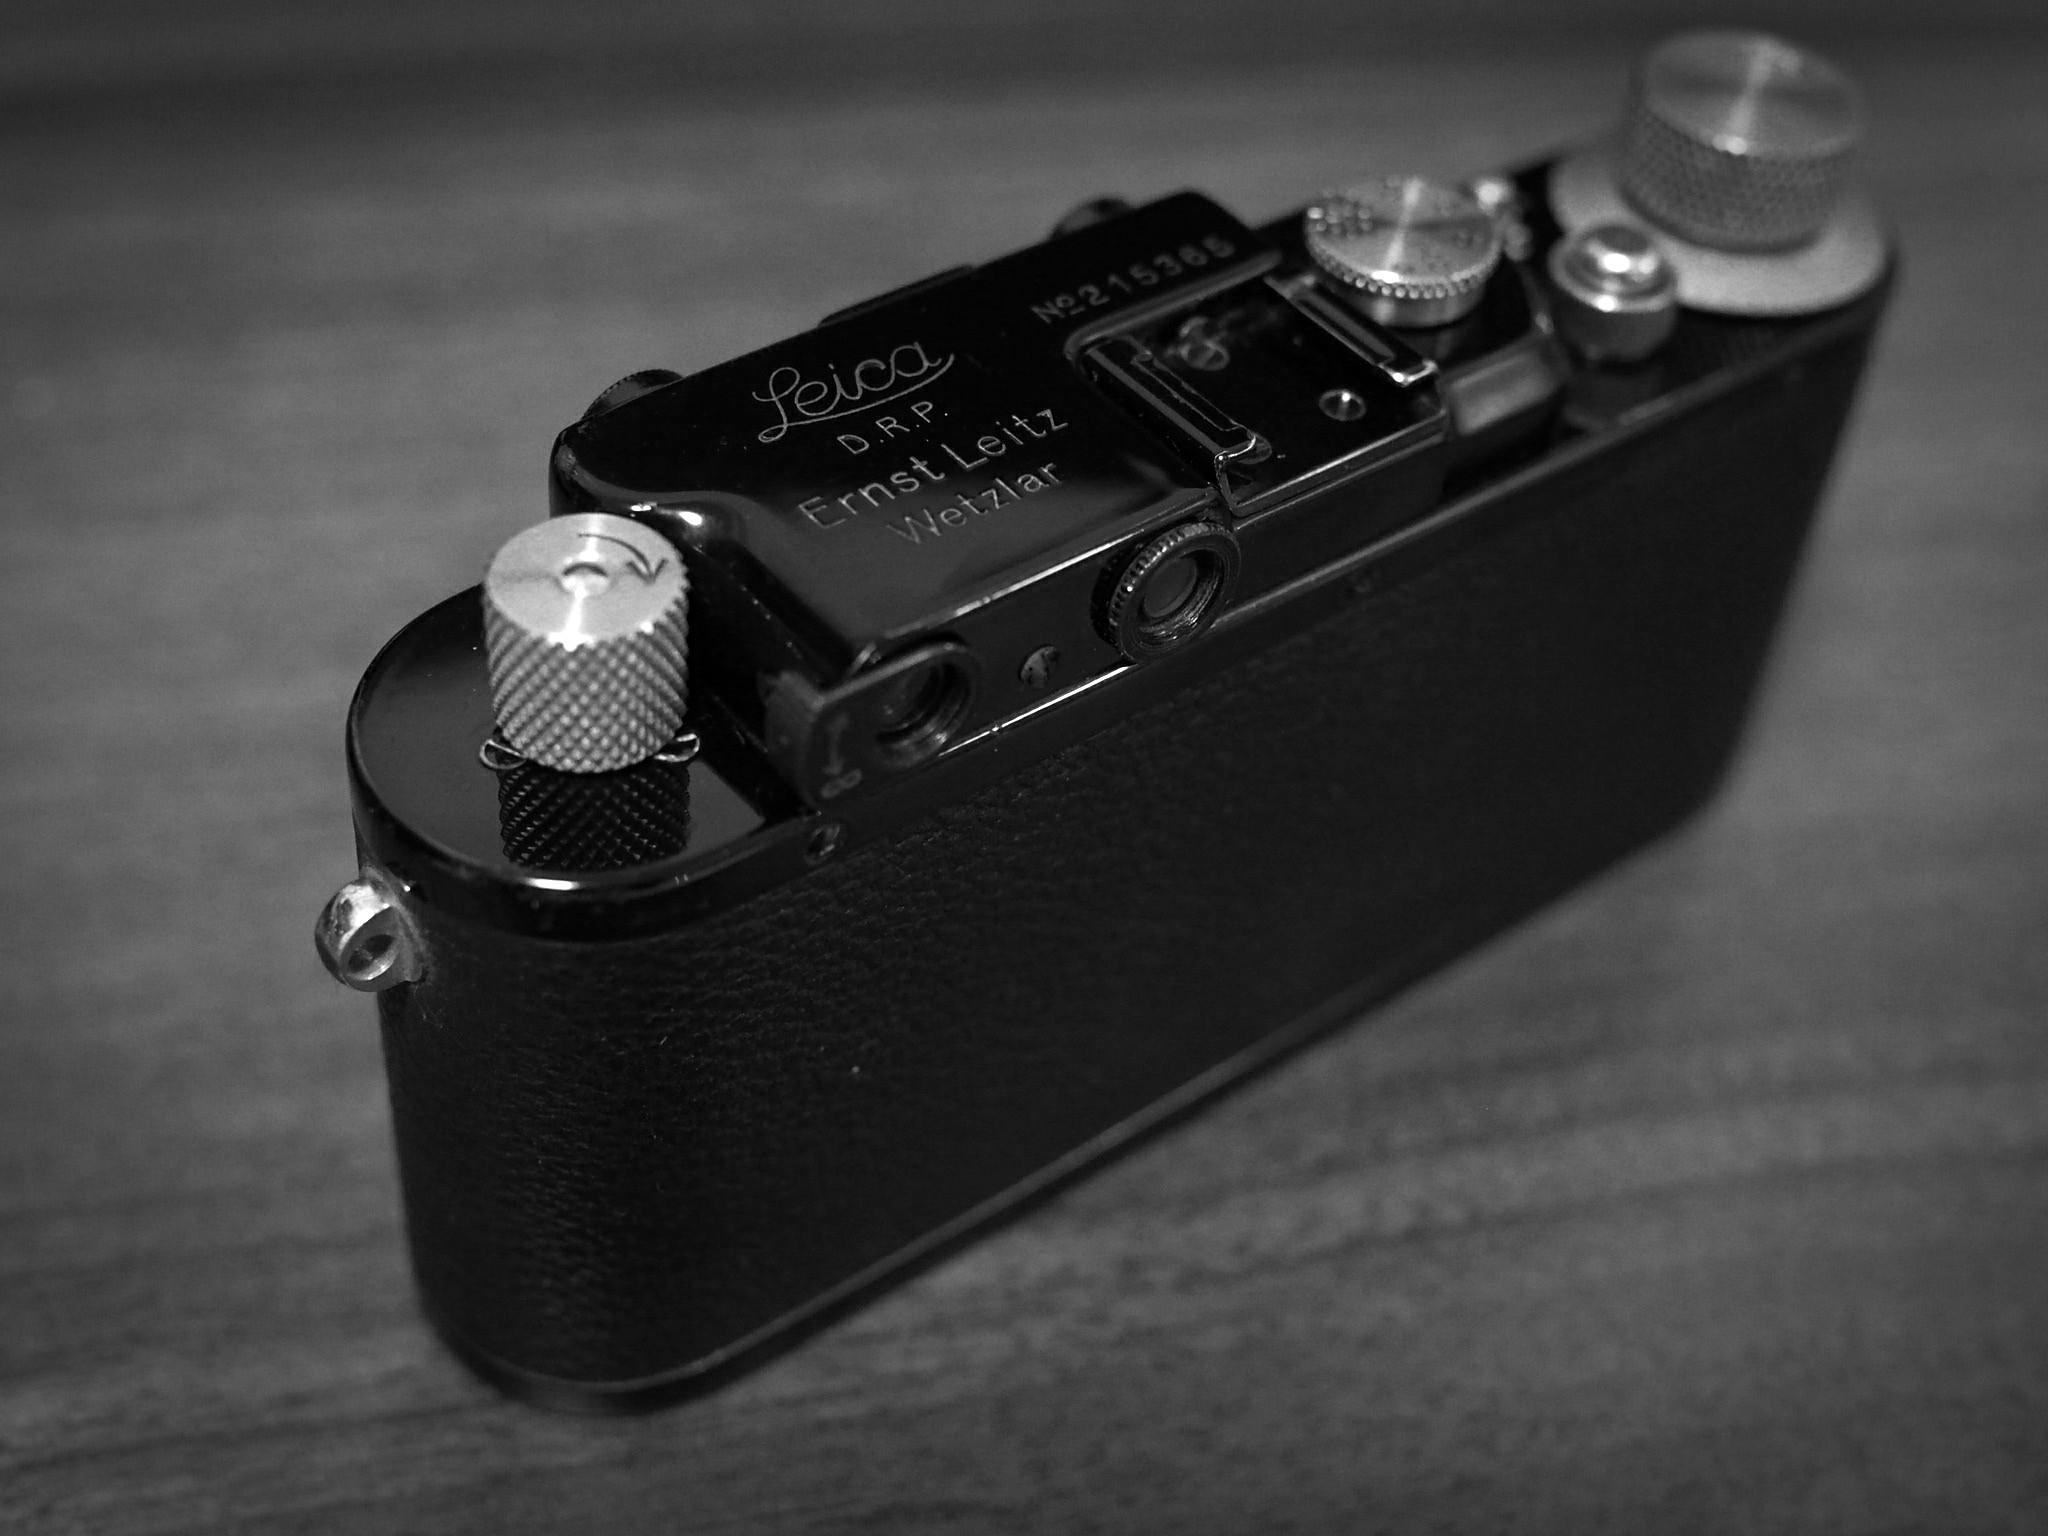 ブラックバルナックがやってきた【Leica DⅢ】